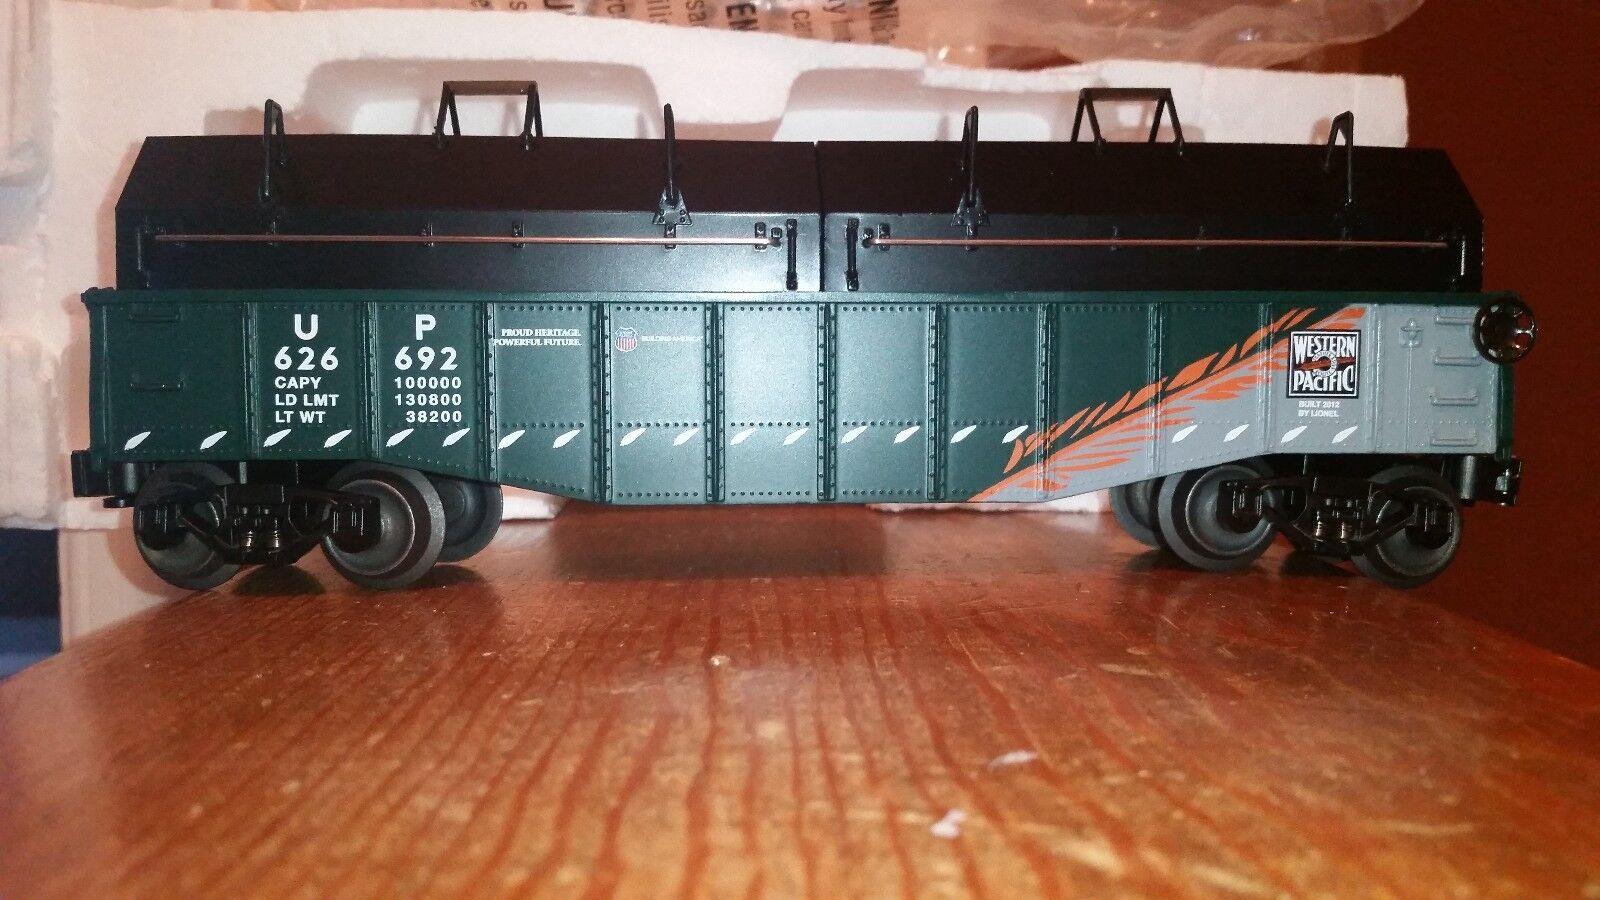 2012 Lionel Union Pacific Gondola W Removable Covers,  6-30188G, 0 027, NIB-Min